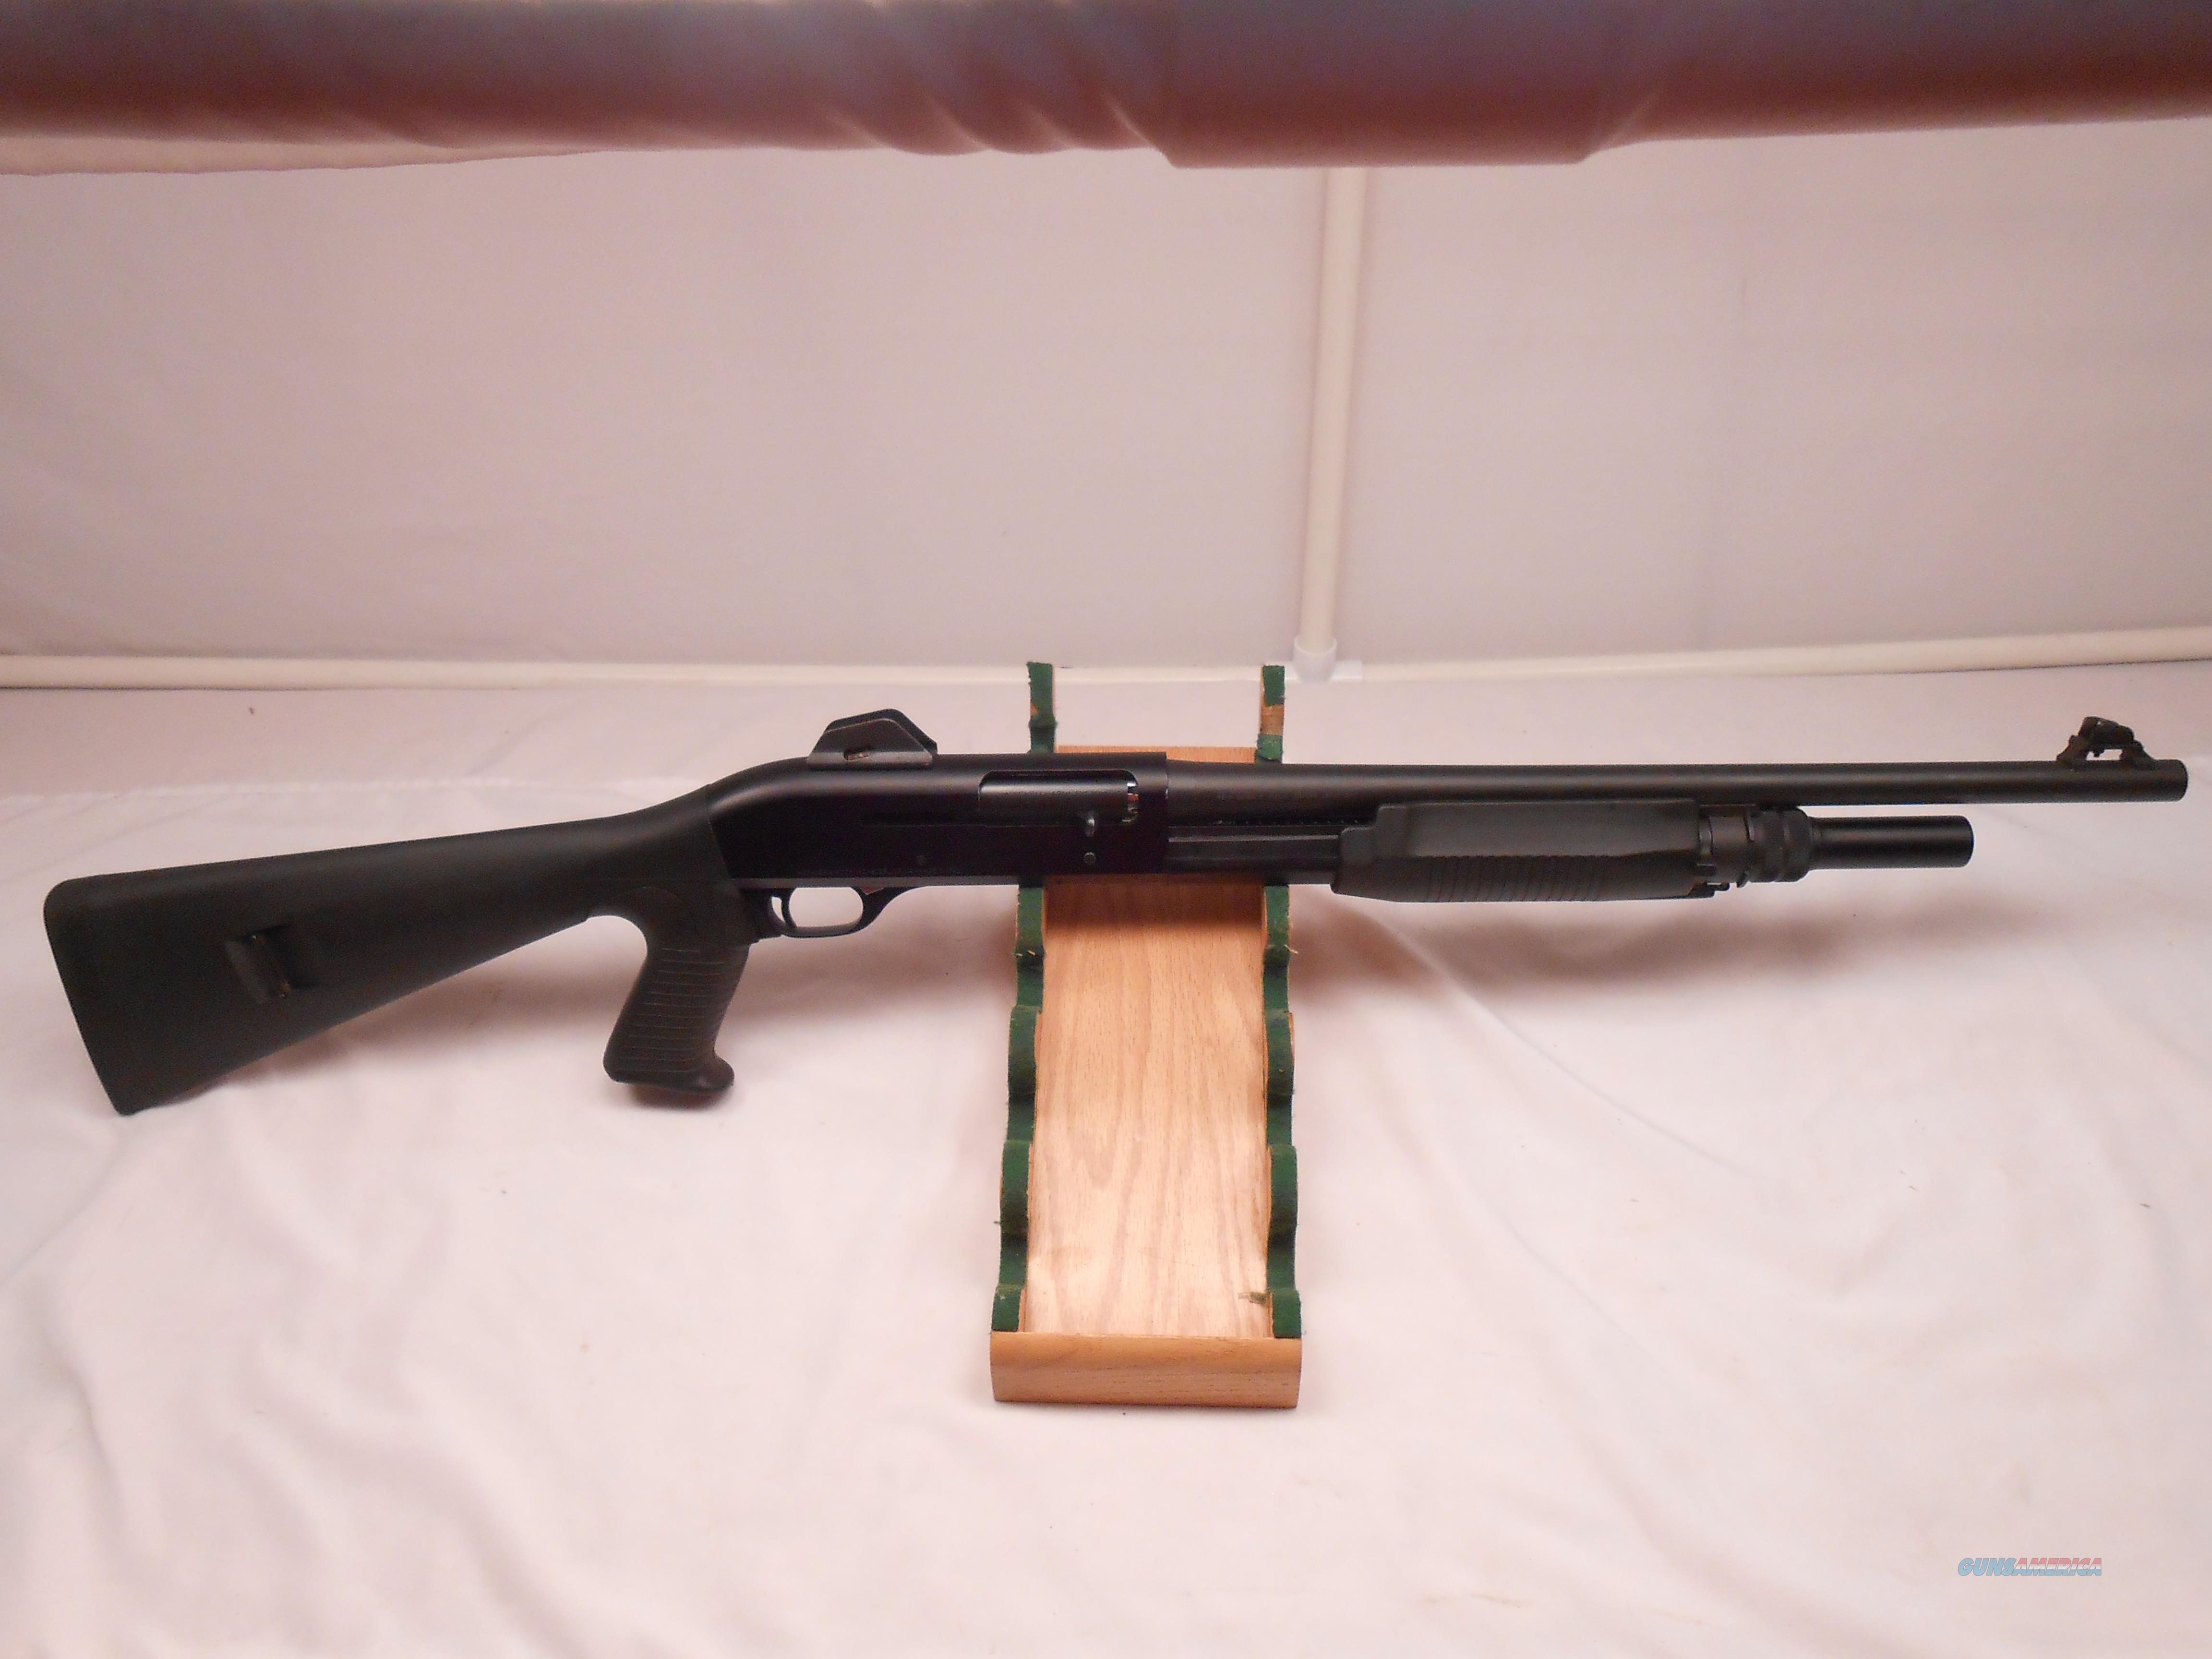 Benelli M3 super 90  Guns > Shotguns > Benelli Shotguns > Tactical